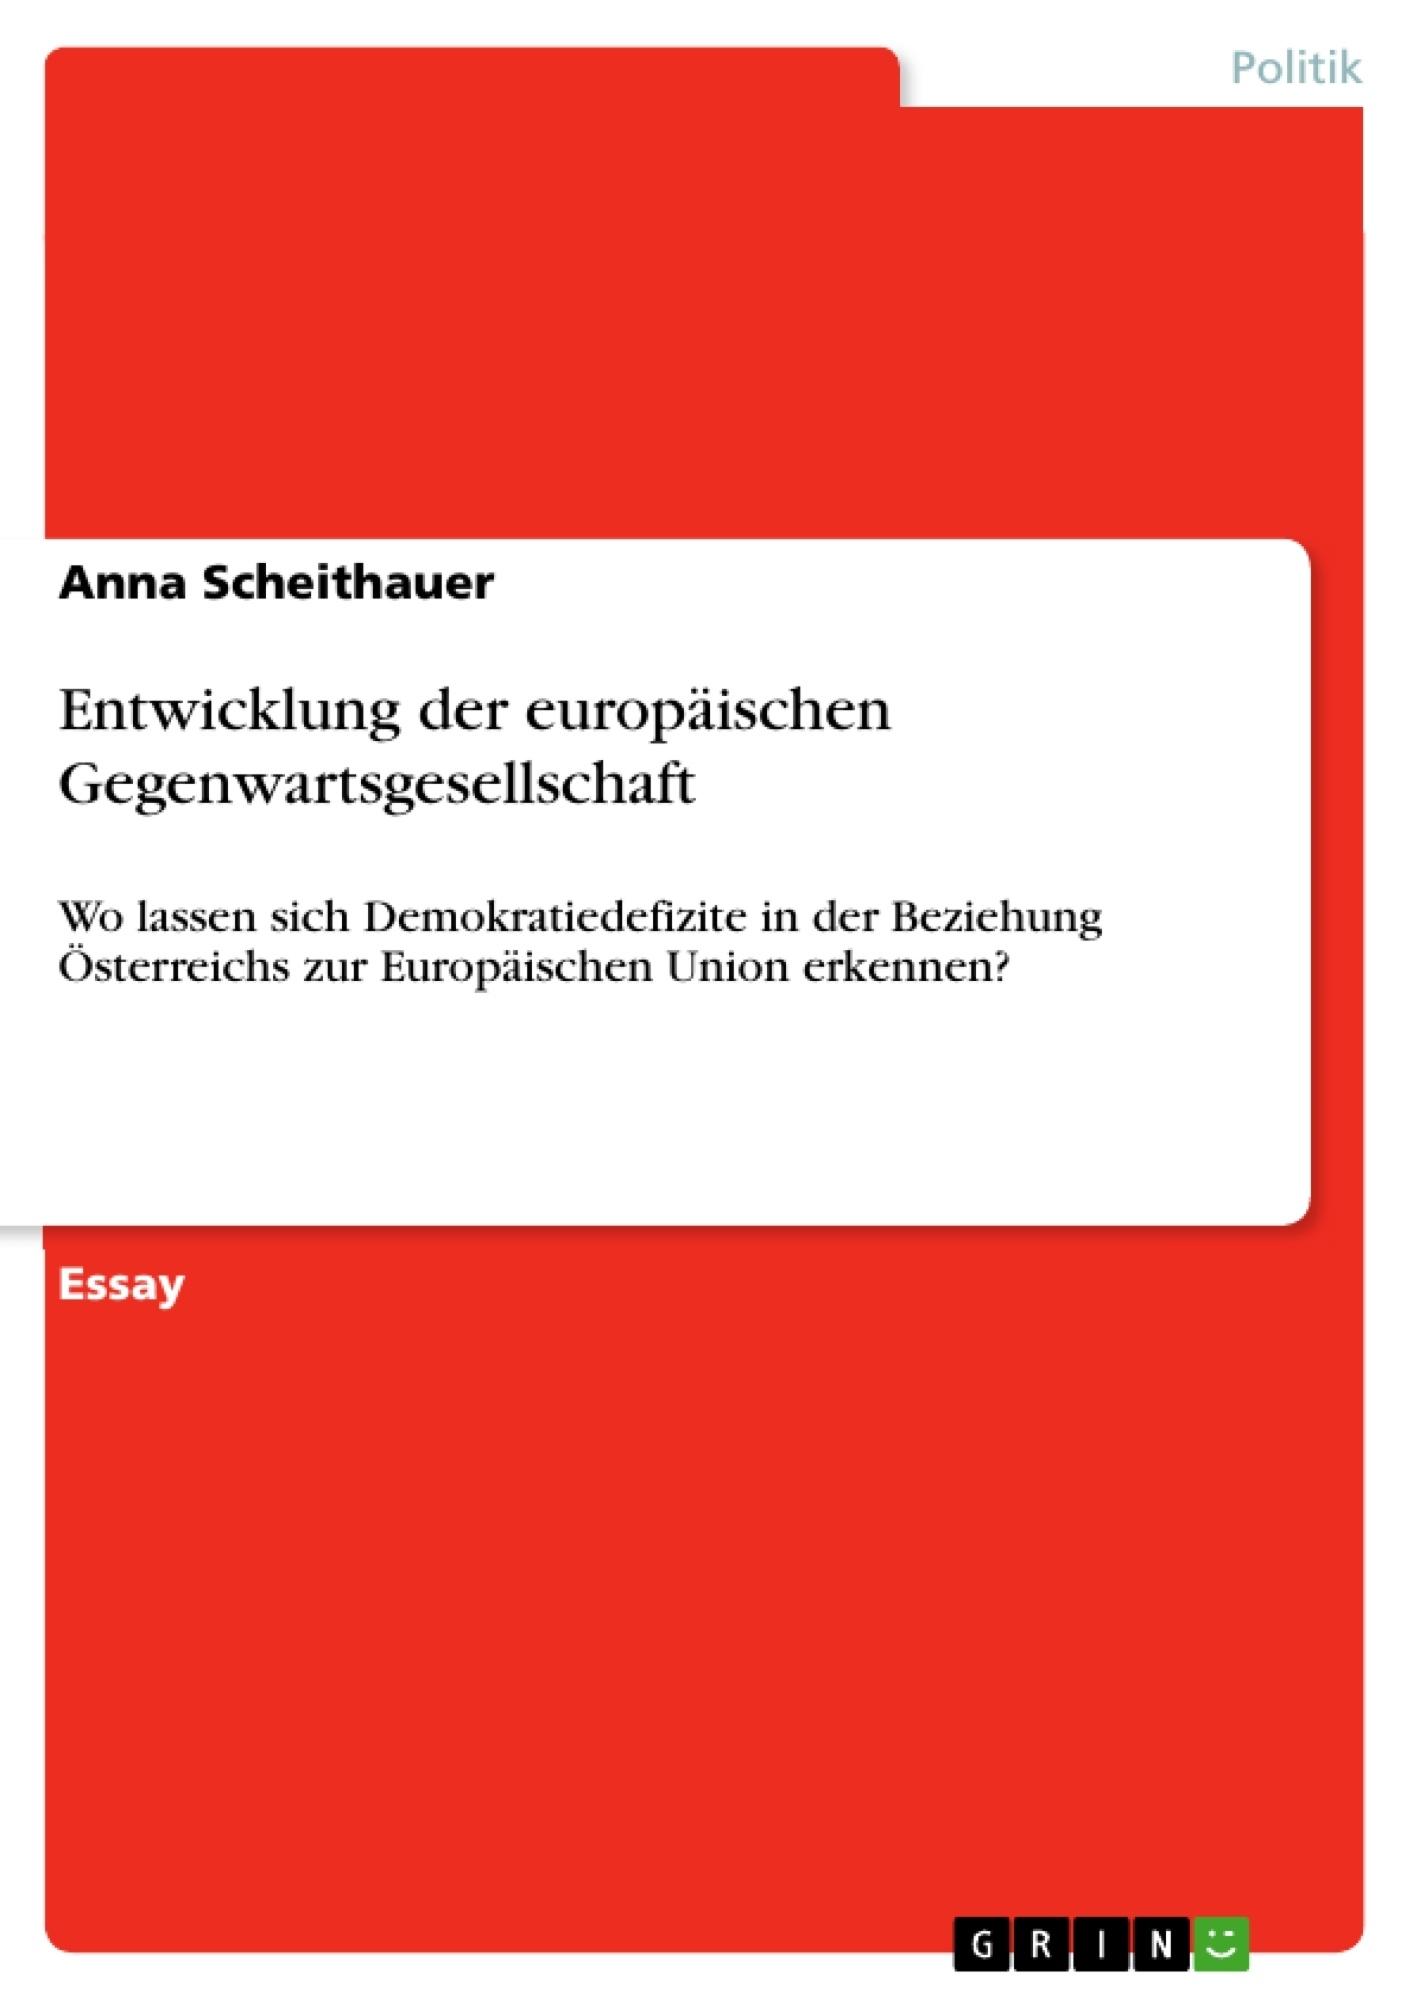 Titel: Entwicklung der europäischen Gegenwartsgesellschaft